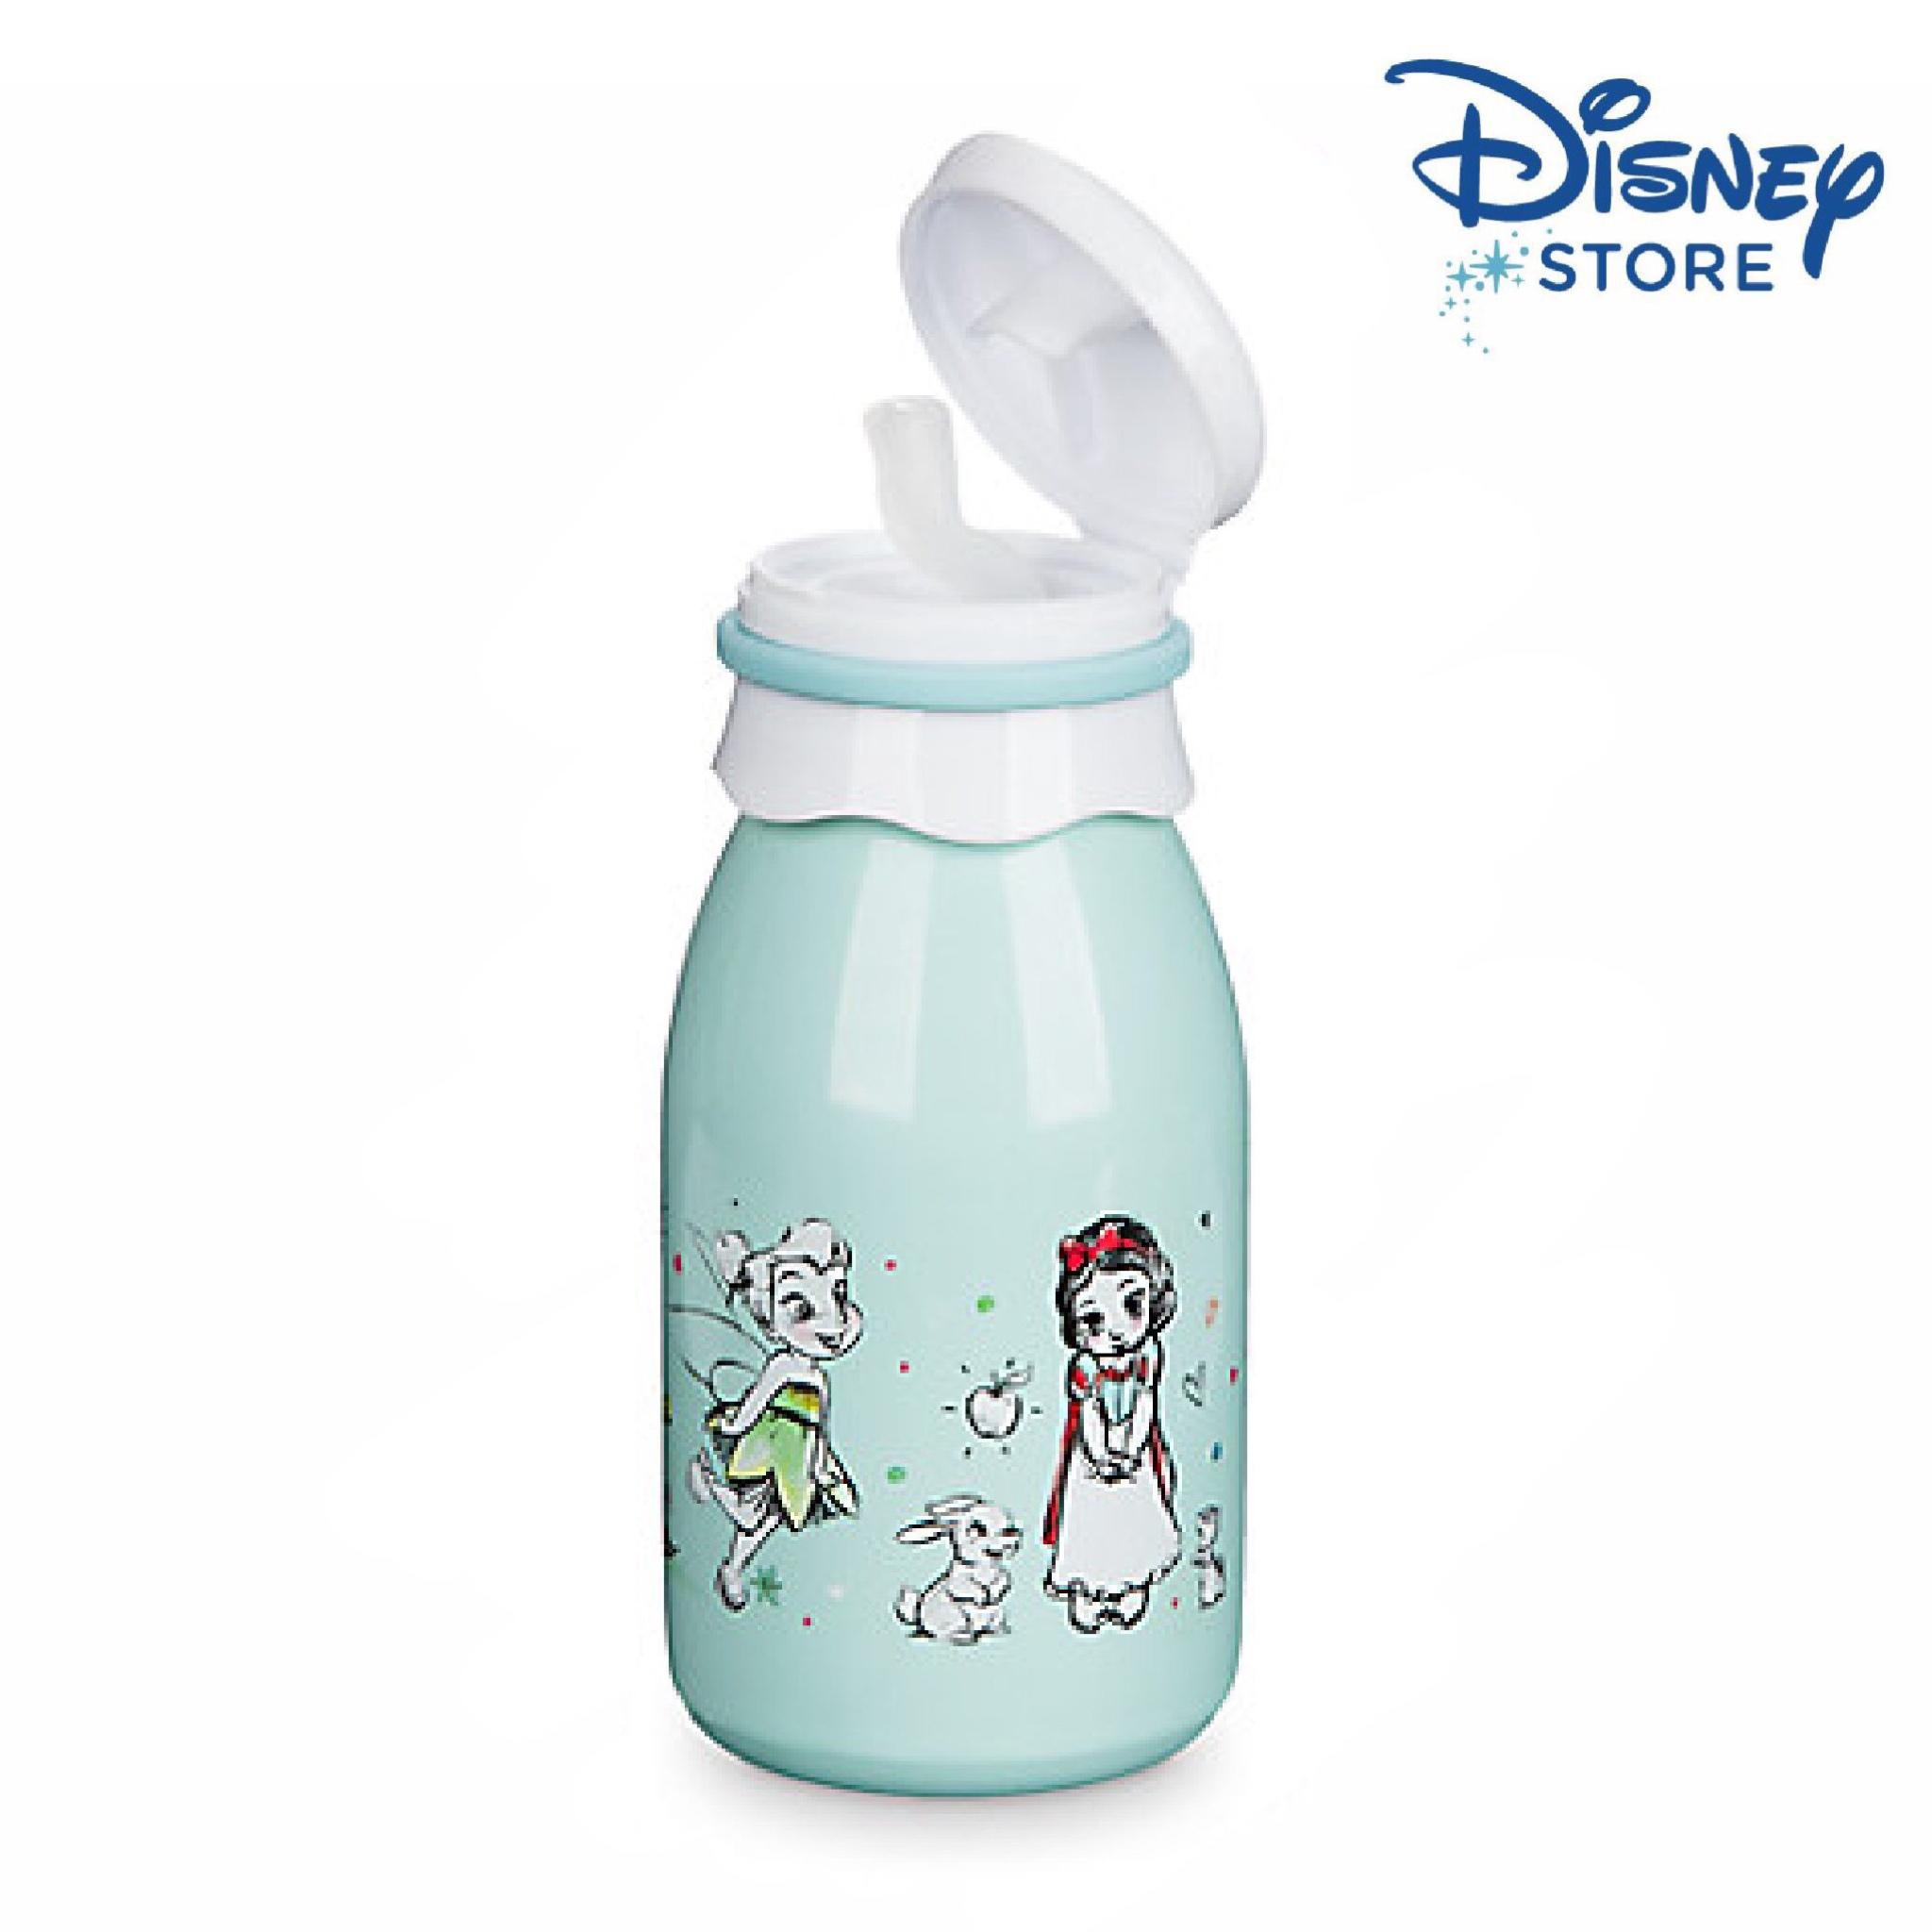 กระติกน้ำแสตนเลสแบบหลอดรุ่นสะสม Disney Stainless Steel Water Bottle with Straw (Disney Animators' Collection)